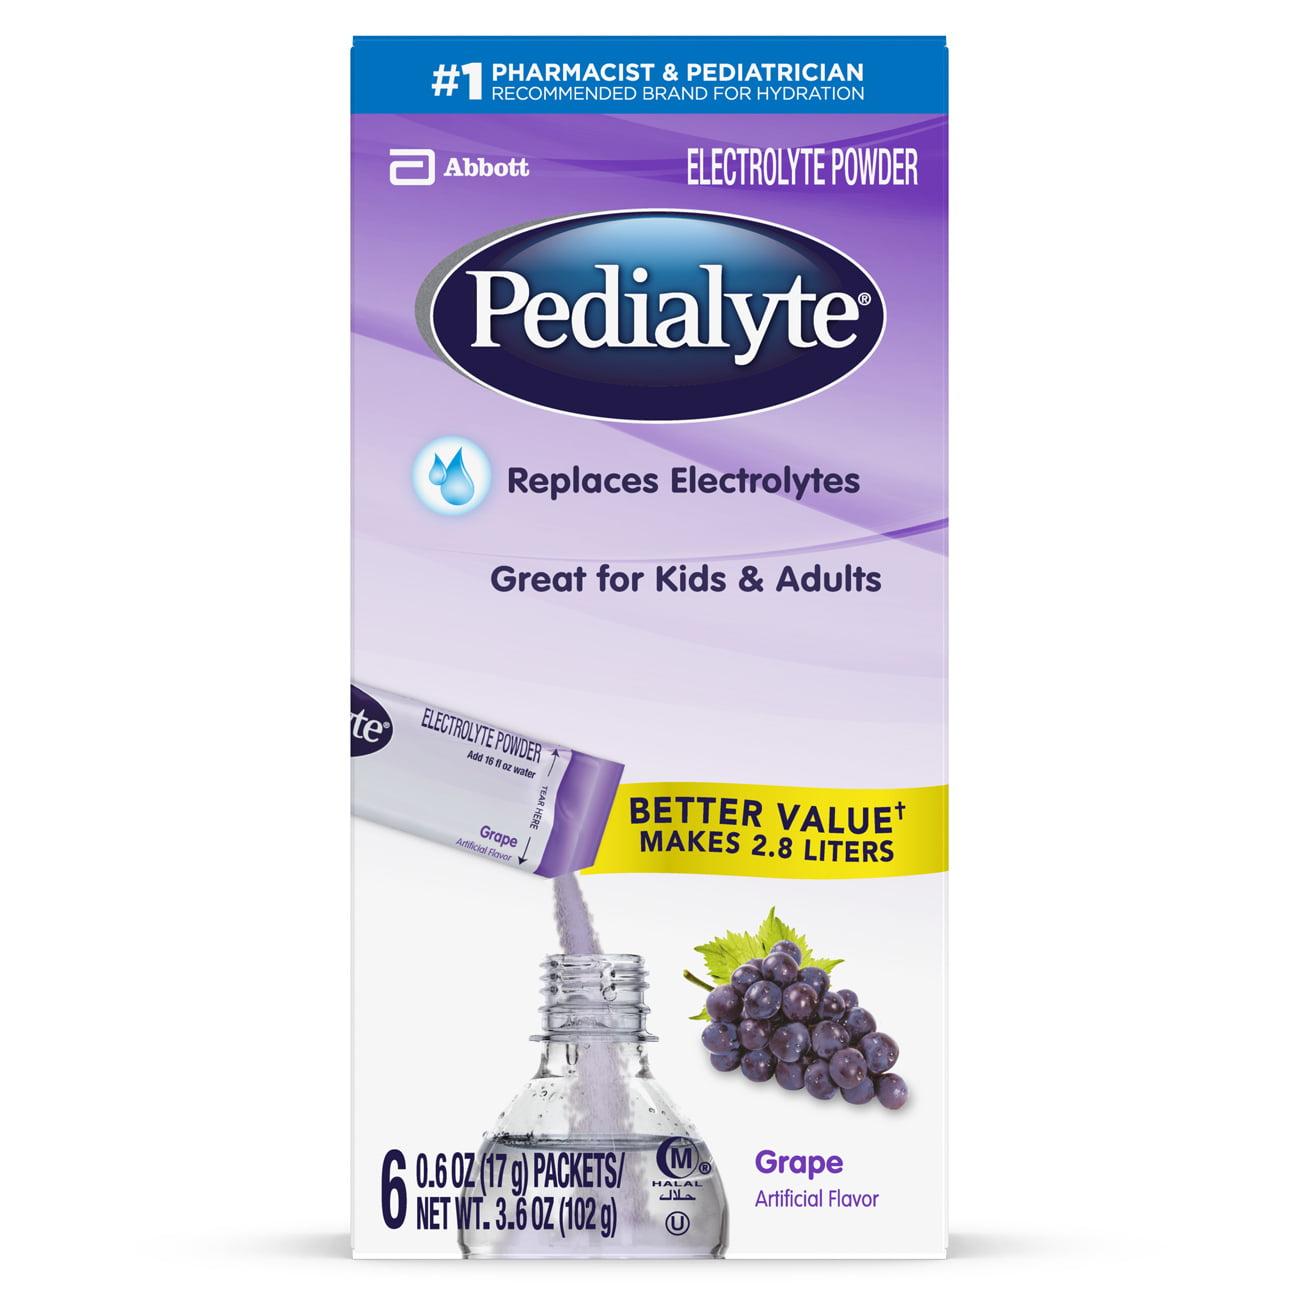 Pedialyte Electrolyte Powder Grape 6-6-0.6 oz Powder Packs